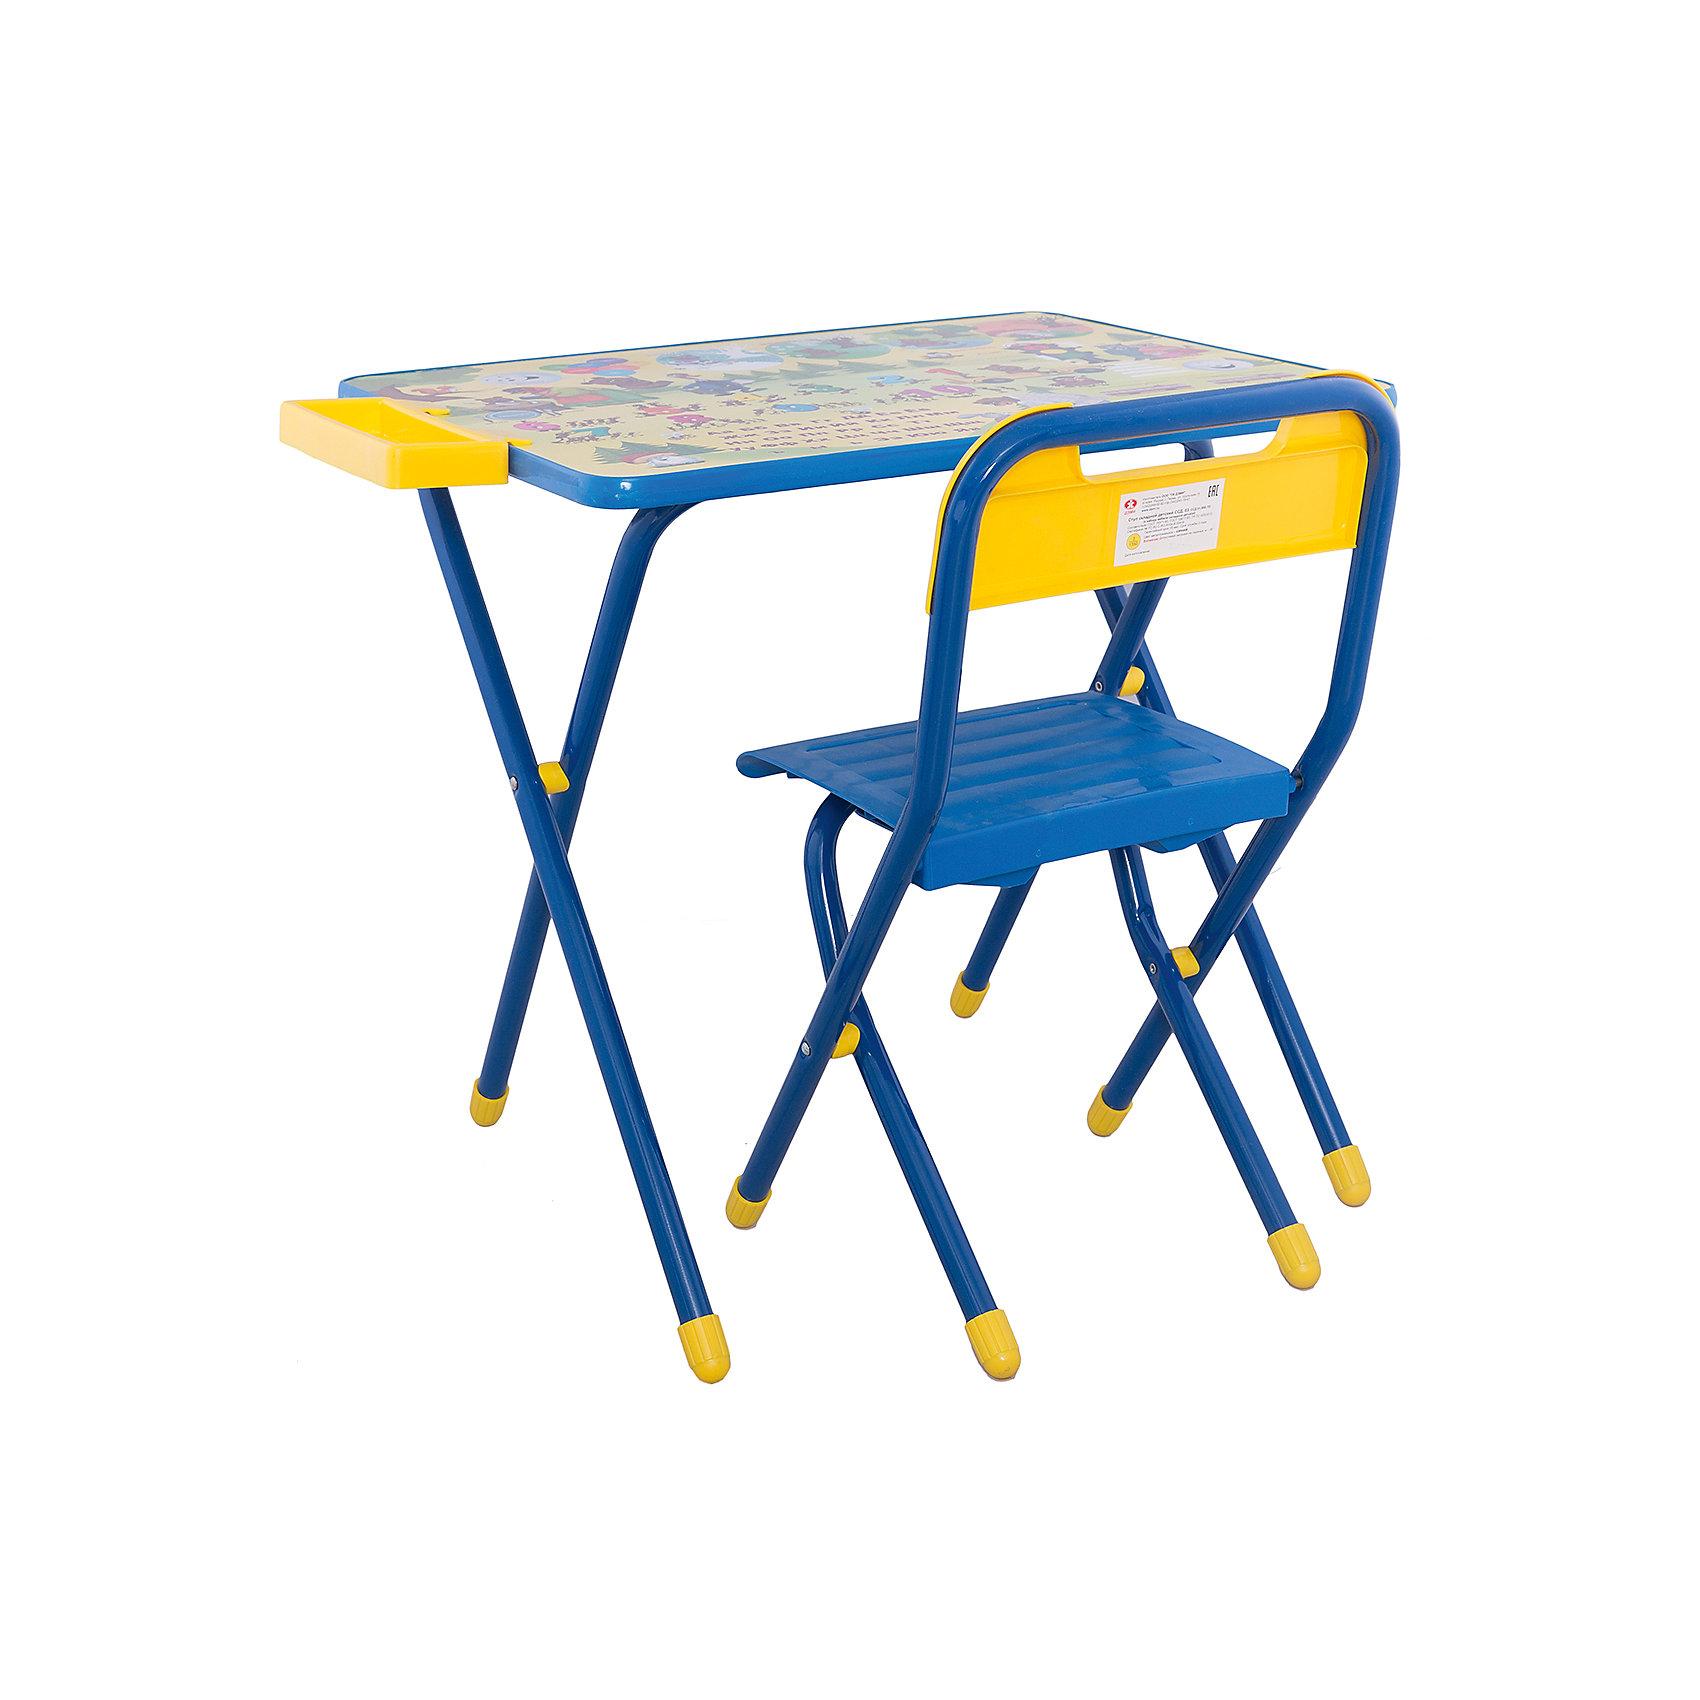 Набор детской складной мебели Медведи, Дэми, синийМебель<br>Каждый ребенок нуждается в удобной, специальной мебели, чтобы его организм мог развиваться правильно. Такая мебель может быть еще и яркой, а также выполнять обучающую функцию.<br>Набор детской складной мебели Медведи - это универсальный комплект необходимых предметов для малыша. Он состоит из стула и стола, выполненных в ярких цветах. Столешница позволяет разместить на ней все необходимые предметы: можно есть, играть или учиться! На ней расположены обучающие рисунки, также прикреплен специальный пенал для канцелярии. Разработан в соответствии с рекомендациями врачей-ортопедов. Сделан из безопасных для ребенка материалов.<br><br><br>Дополнительная информация:<br><br>материал: металл, пластик;<br>просторная столешница;<br>оригинальный яркий дизайн;<br>обучающие изображения на столешнице;<br>легко моется;<br>соответствует рекомендациям ортопедов;<br>боковой пенал для канцелярии;<br>для детей ростом от 130 до 145 см;<br>размер столешницы: 45 х 60 см;<br>высота столешницы: 58 см;<br>высота стула: 34 см;<br>сиденье: 26х28 см;<br>спинка: 12х34 см;<br>максимальная нагрузка: 40 кг.<br><br>Набор детской складной мебели Медведи можно купить в нашем магазине.<br><br>Ширина мм: 77<br>Глубина мм: 73<br>Высота мм: 15<br>Вес г: 8500<br>Возраст от месяцев: 48<br>Возраст до месяцев: 96<br>Пол: Унисекс<br>Возраст: Детский<br>SKU: 4693952